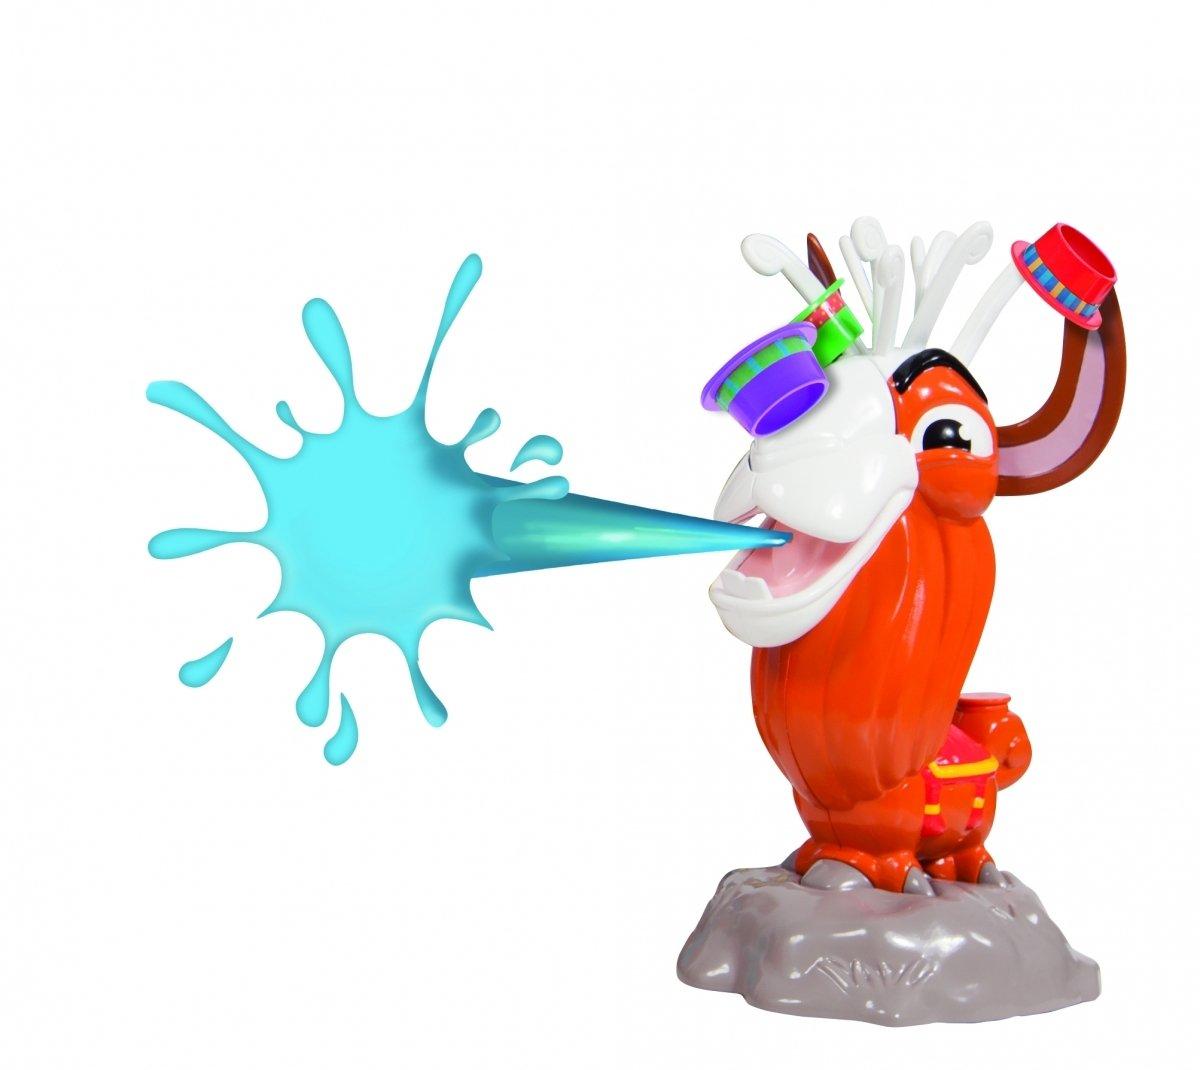 Электронная игра Splash Toys Строптивая лама фото 5